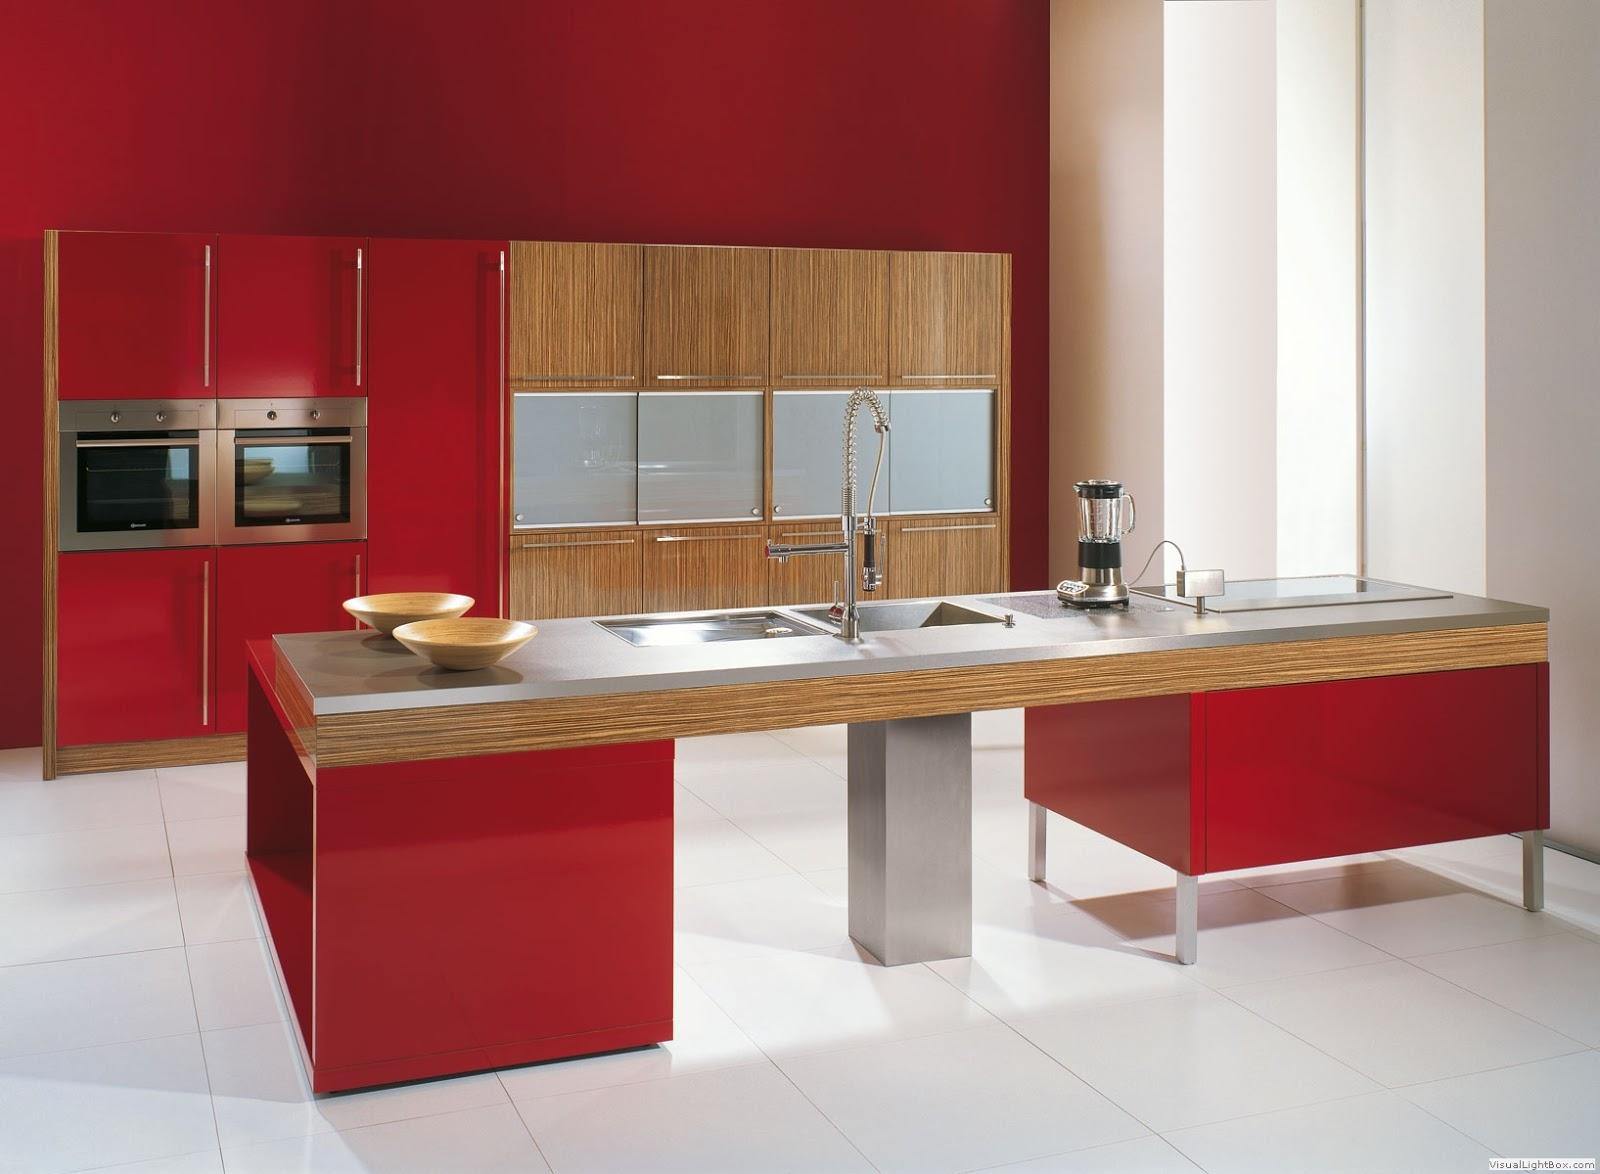 Un hermoso diseño de cocina roja estilo minimalista, con acabados en